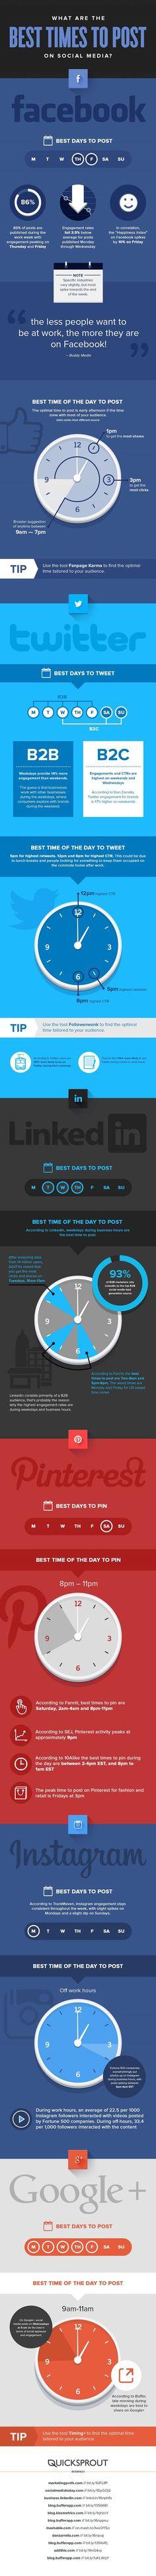 Wat zijn de beste tijden om te posten op Social Media? / What are the beste times to post on Social Media [Infographic]